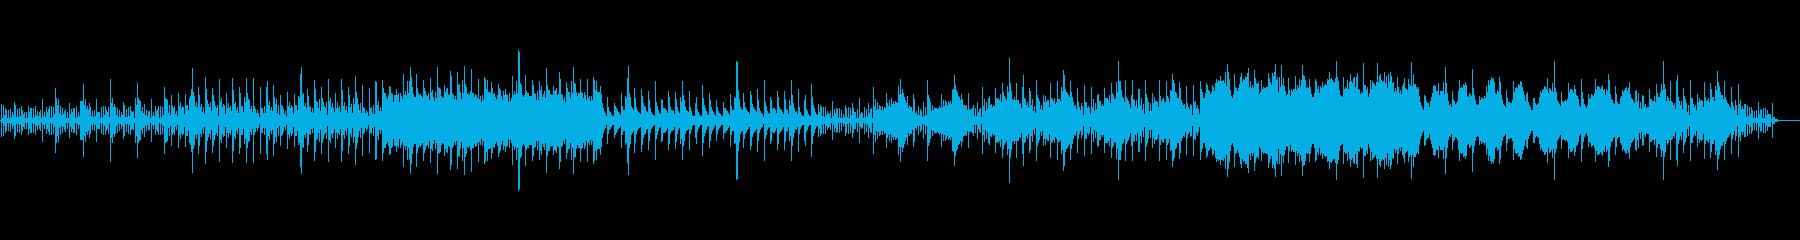 ピアノを使用したミニマルなアンビエントの再生済みの波形